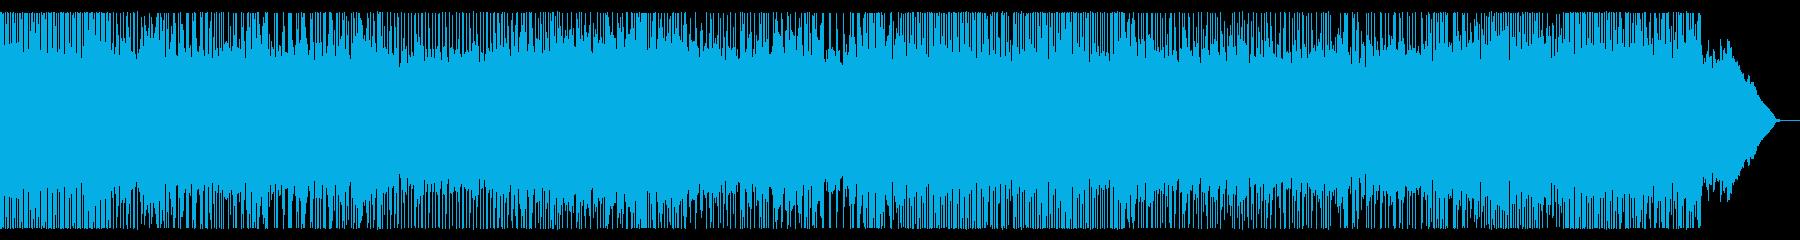 攻撃的な全編速弾きスピードメタルチューンの再生済みの波形